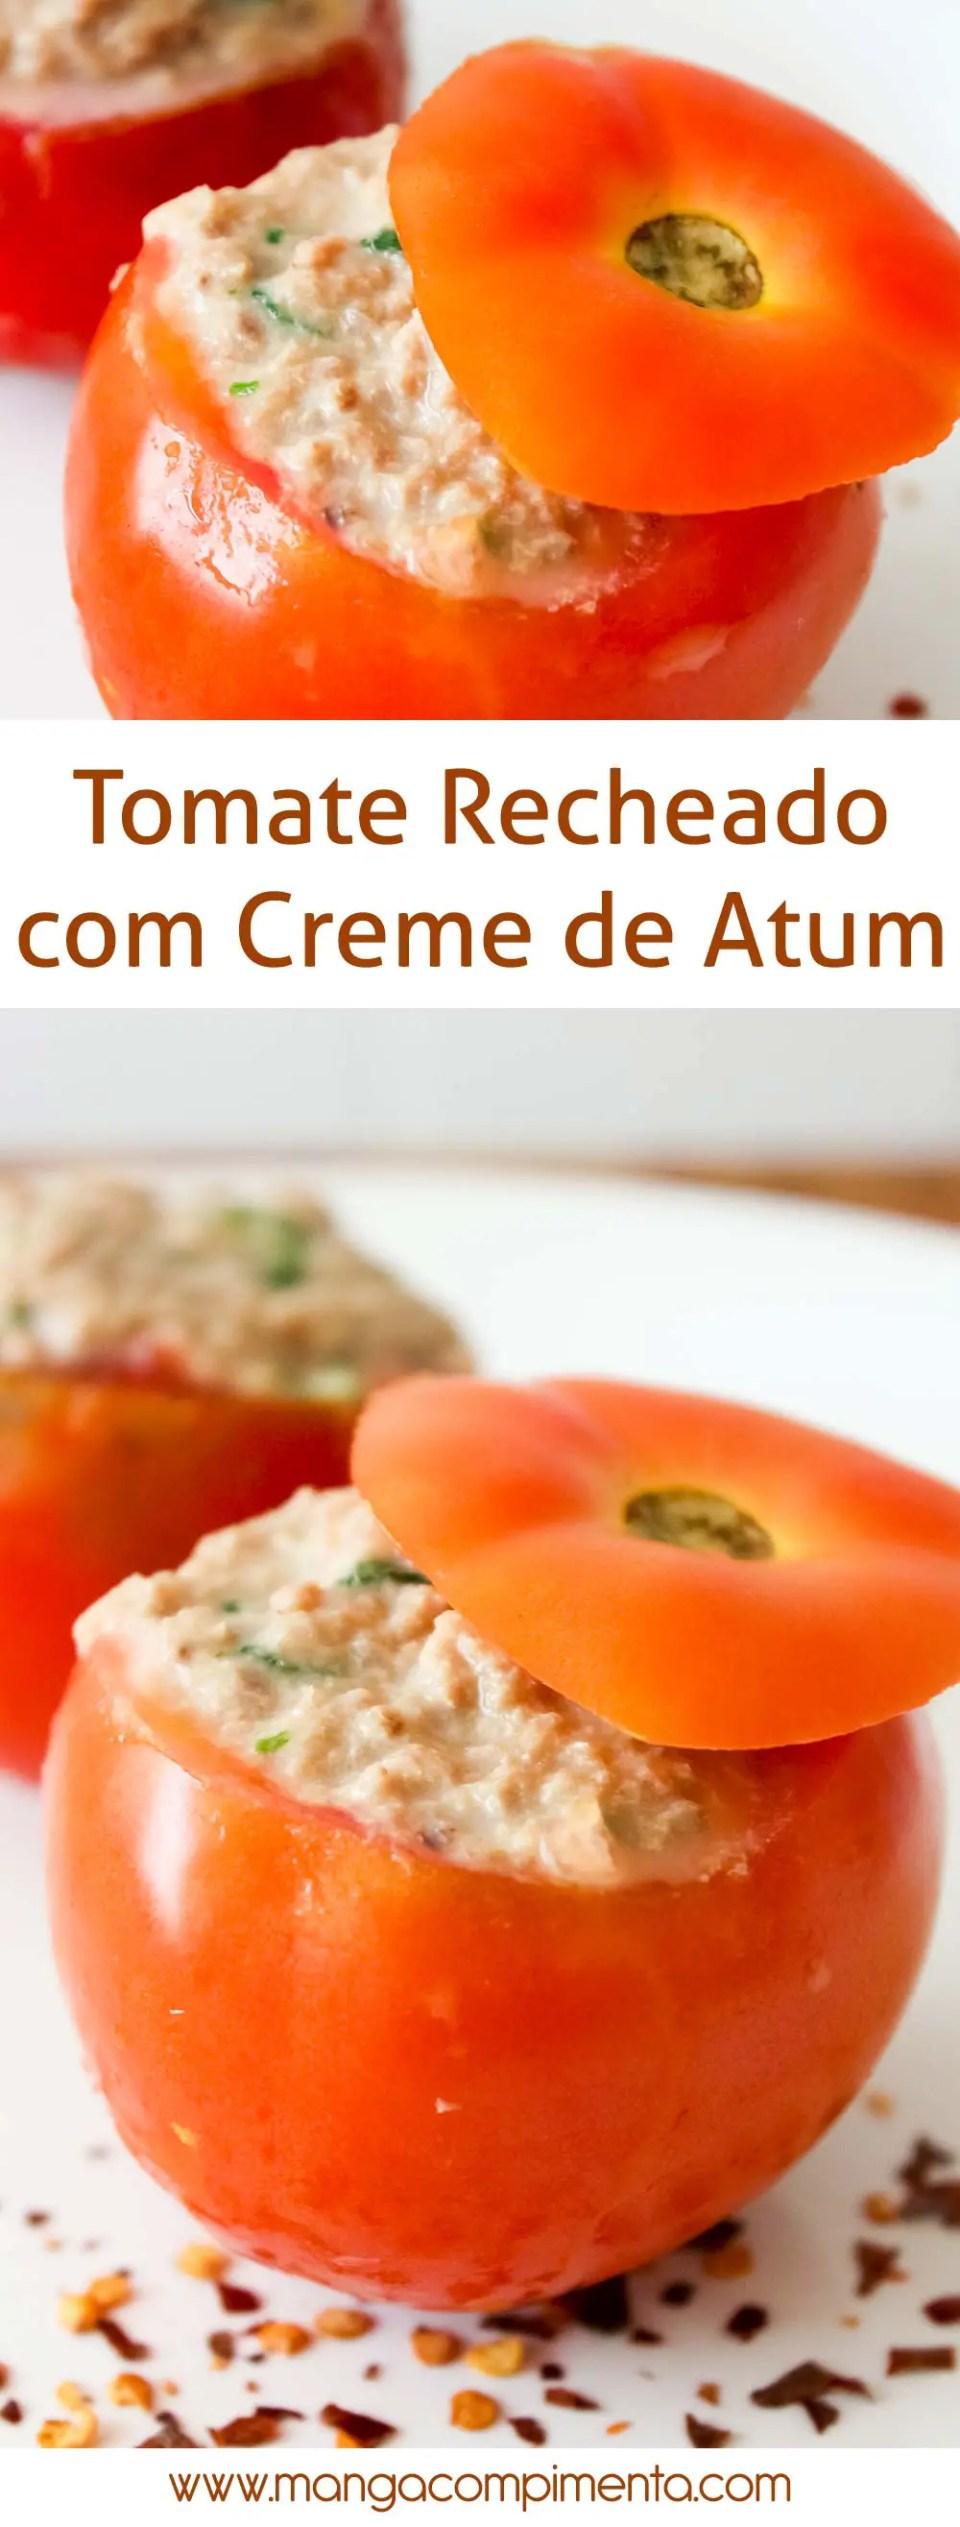 Tomate Recheado com Creme de Atum - para um almoço leve na semana!